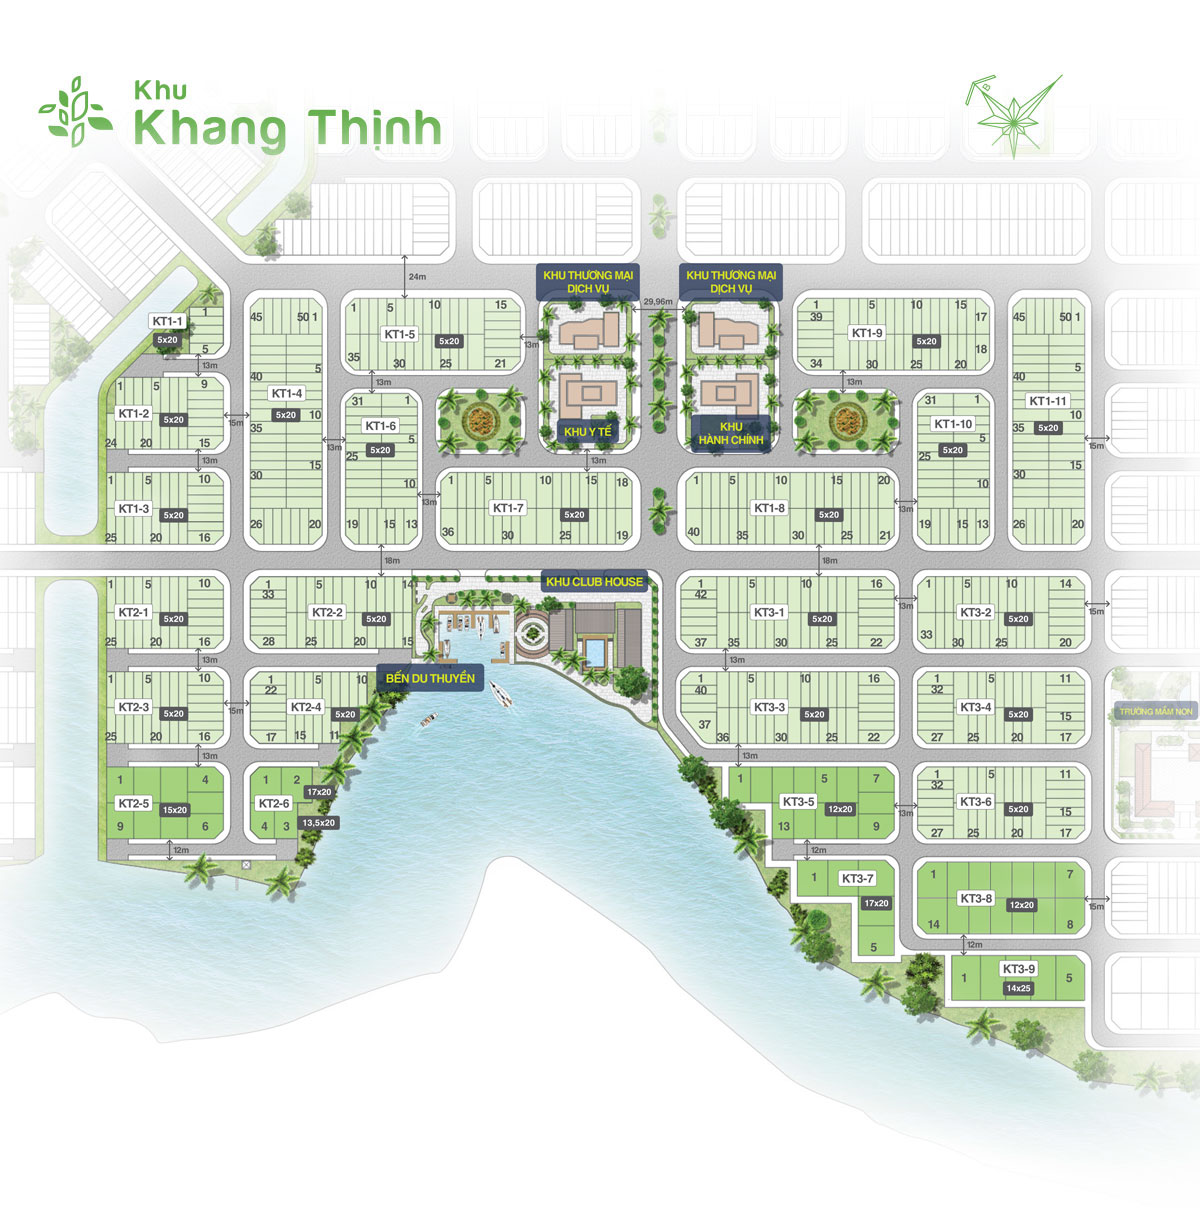 khu khang thinh du an bien hoa new city